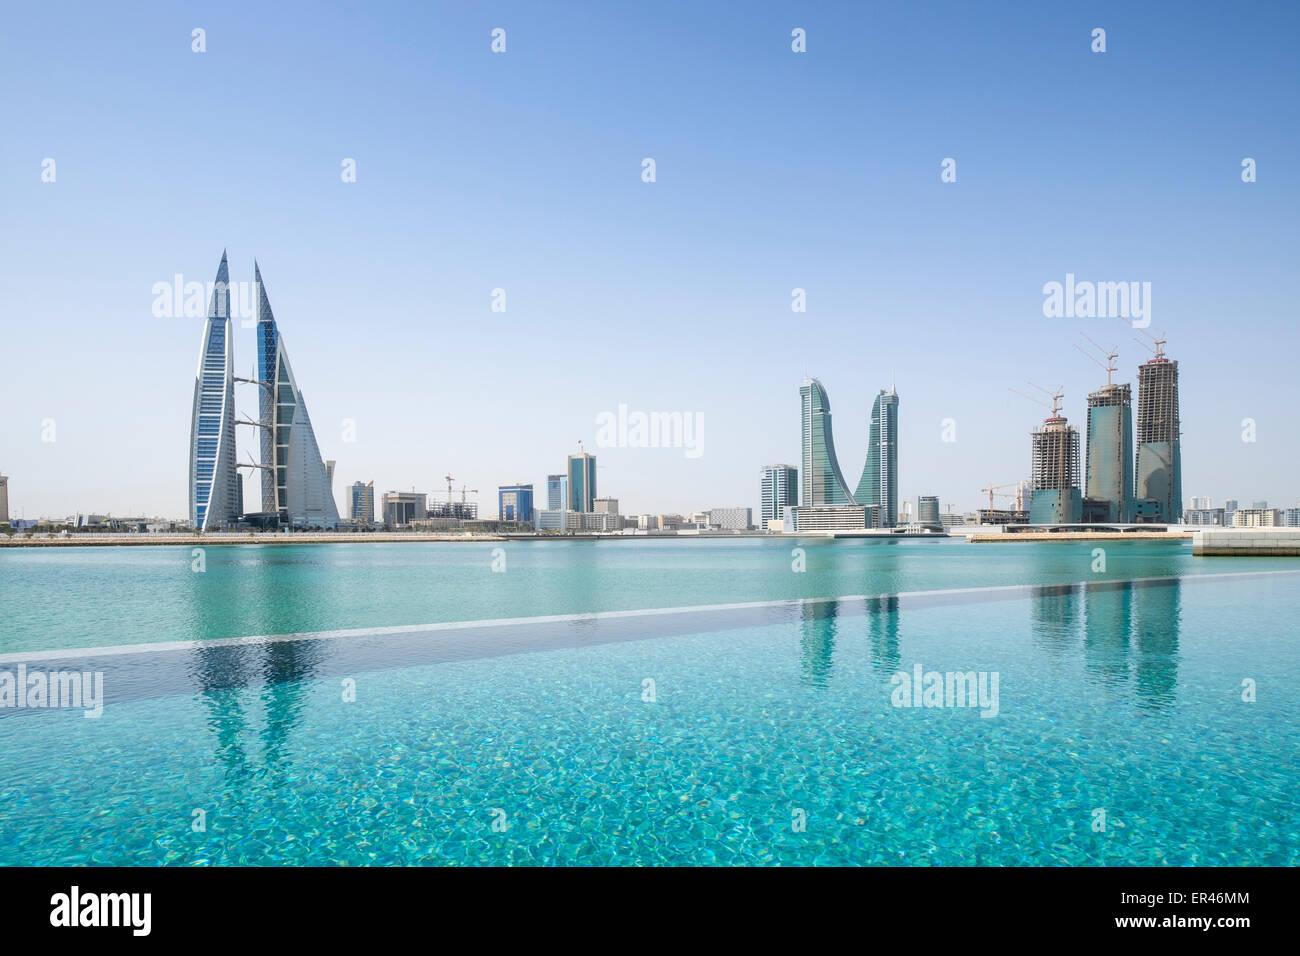 El horizonte de la ciudad de Manama en Bahrein desde el nuevo Four Seasons Hotel de lujo Imagen De Stock